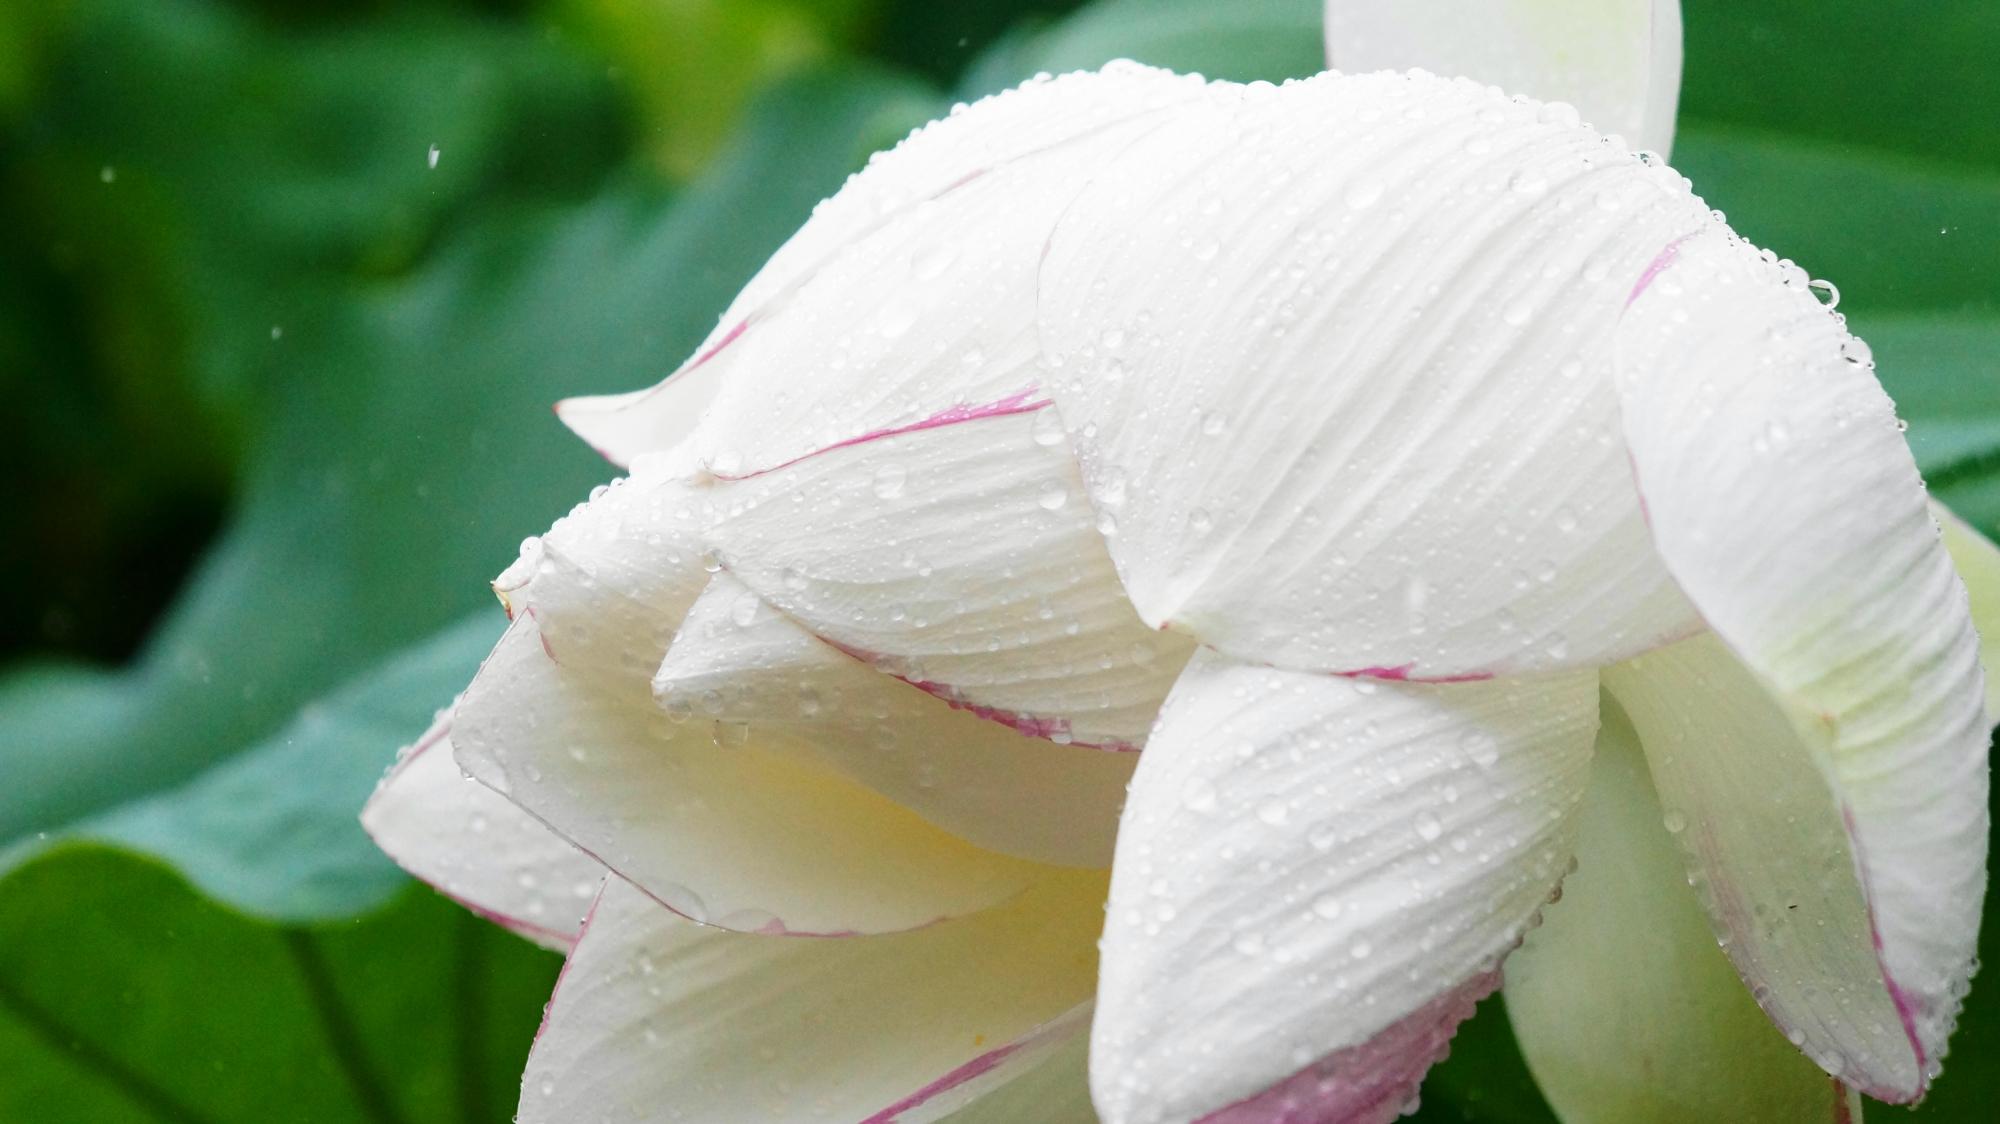 雨水に濡れる真っ白な大きな法金剛院の蓮の花びら